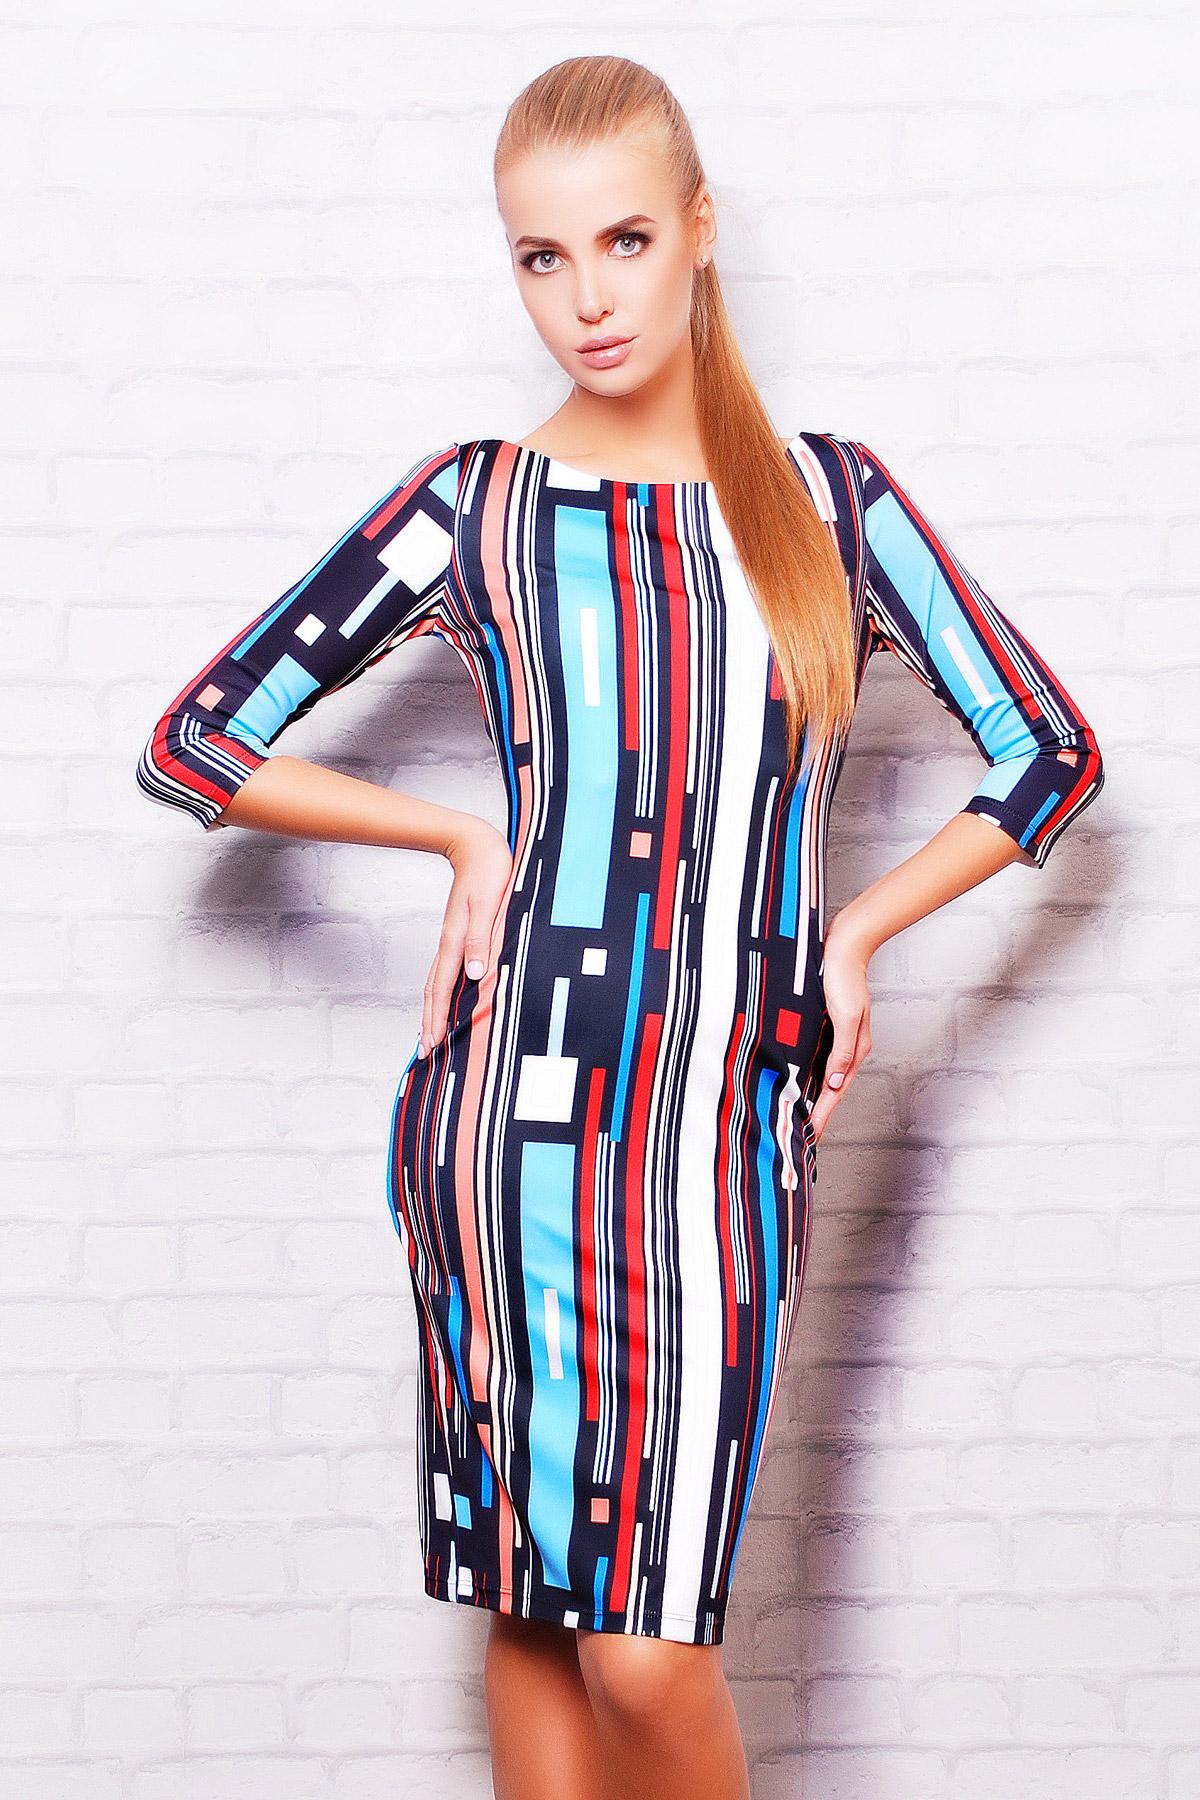 Полоски платье Лоя-1Ф д/р